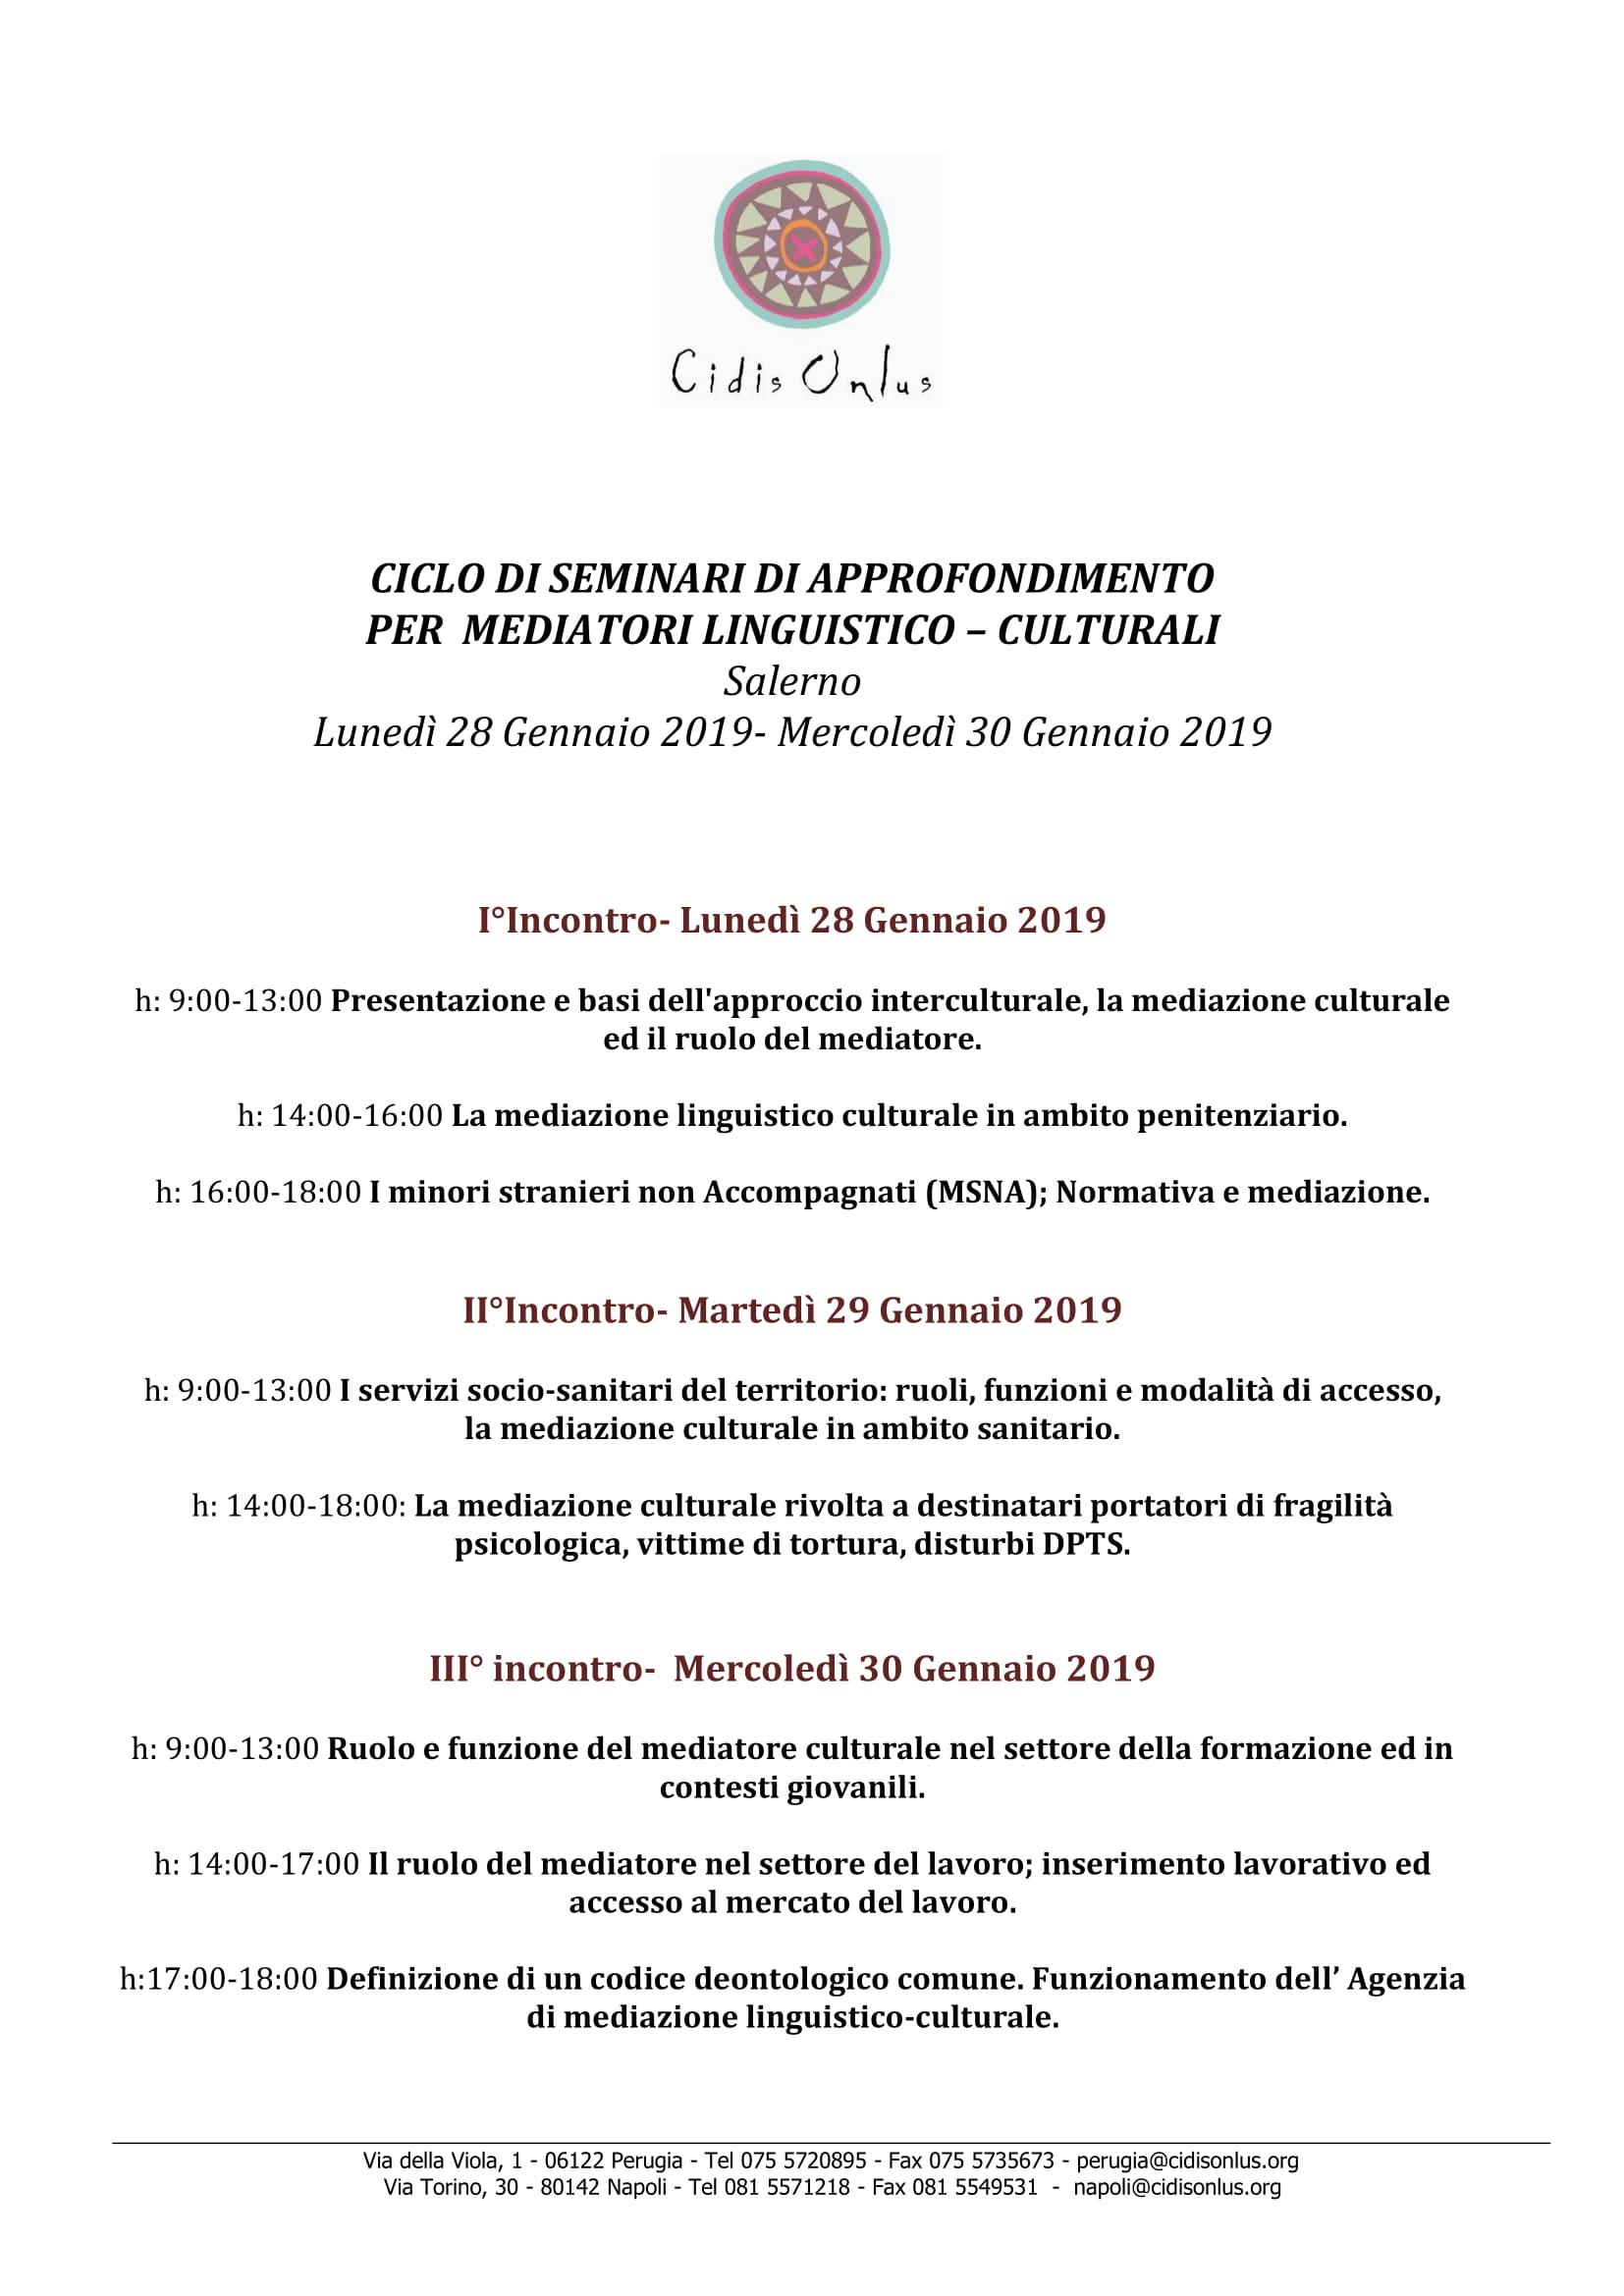 Programma Mediatori_20019-1